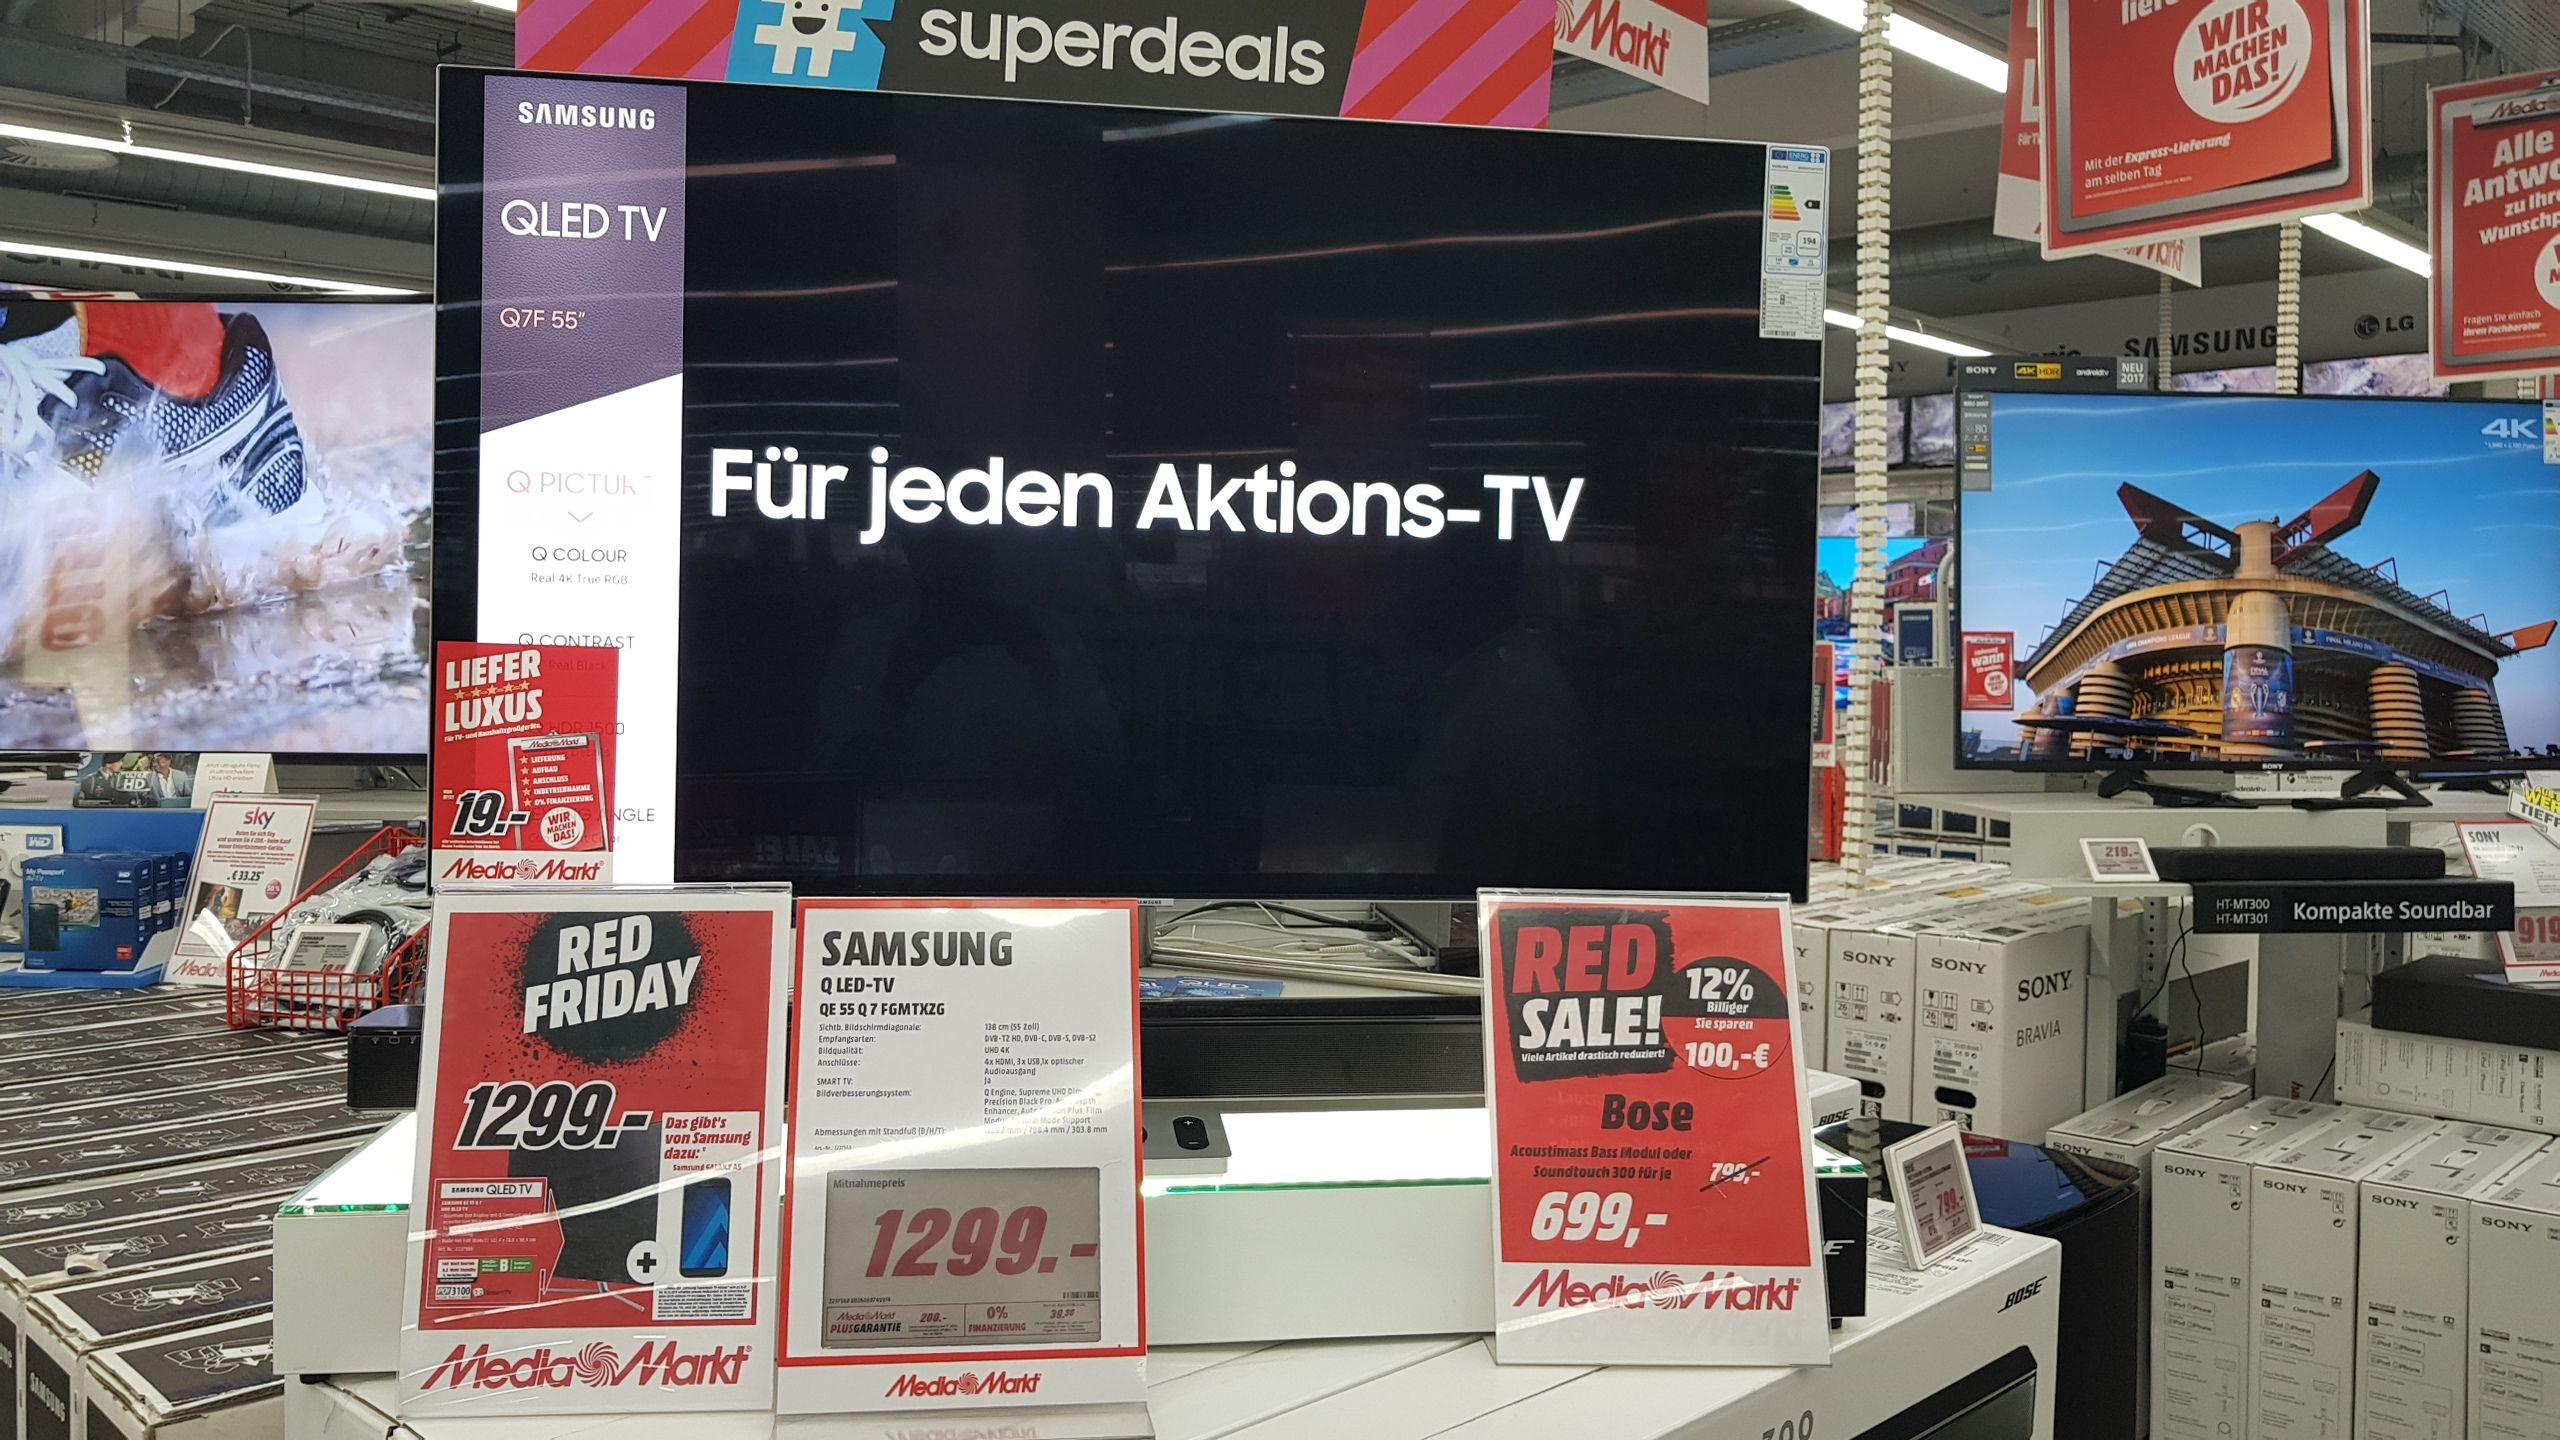 [ Lokal Media Markt Paderborn ] Samsung QE55Q7F + Samsung Galaxy A5 für 1299 ohne registrieren, dirket Mitnahme